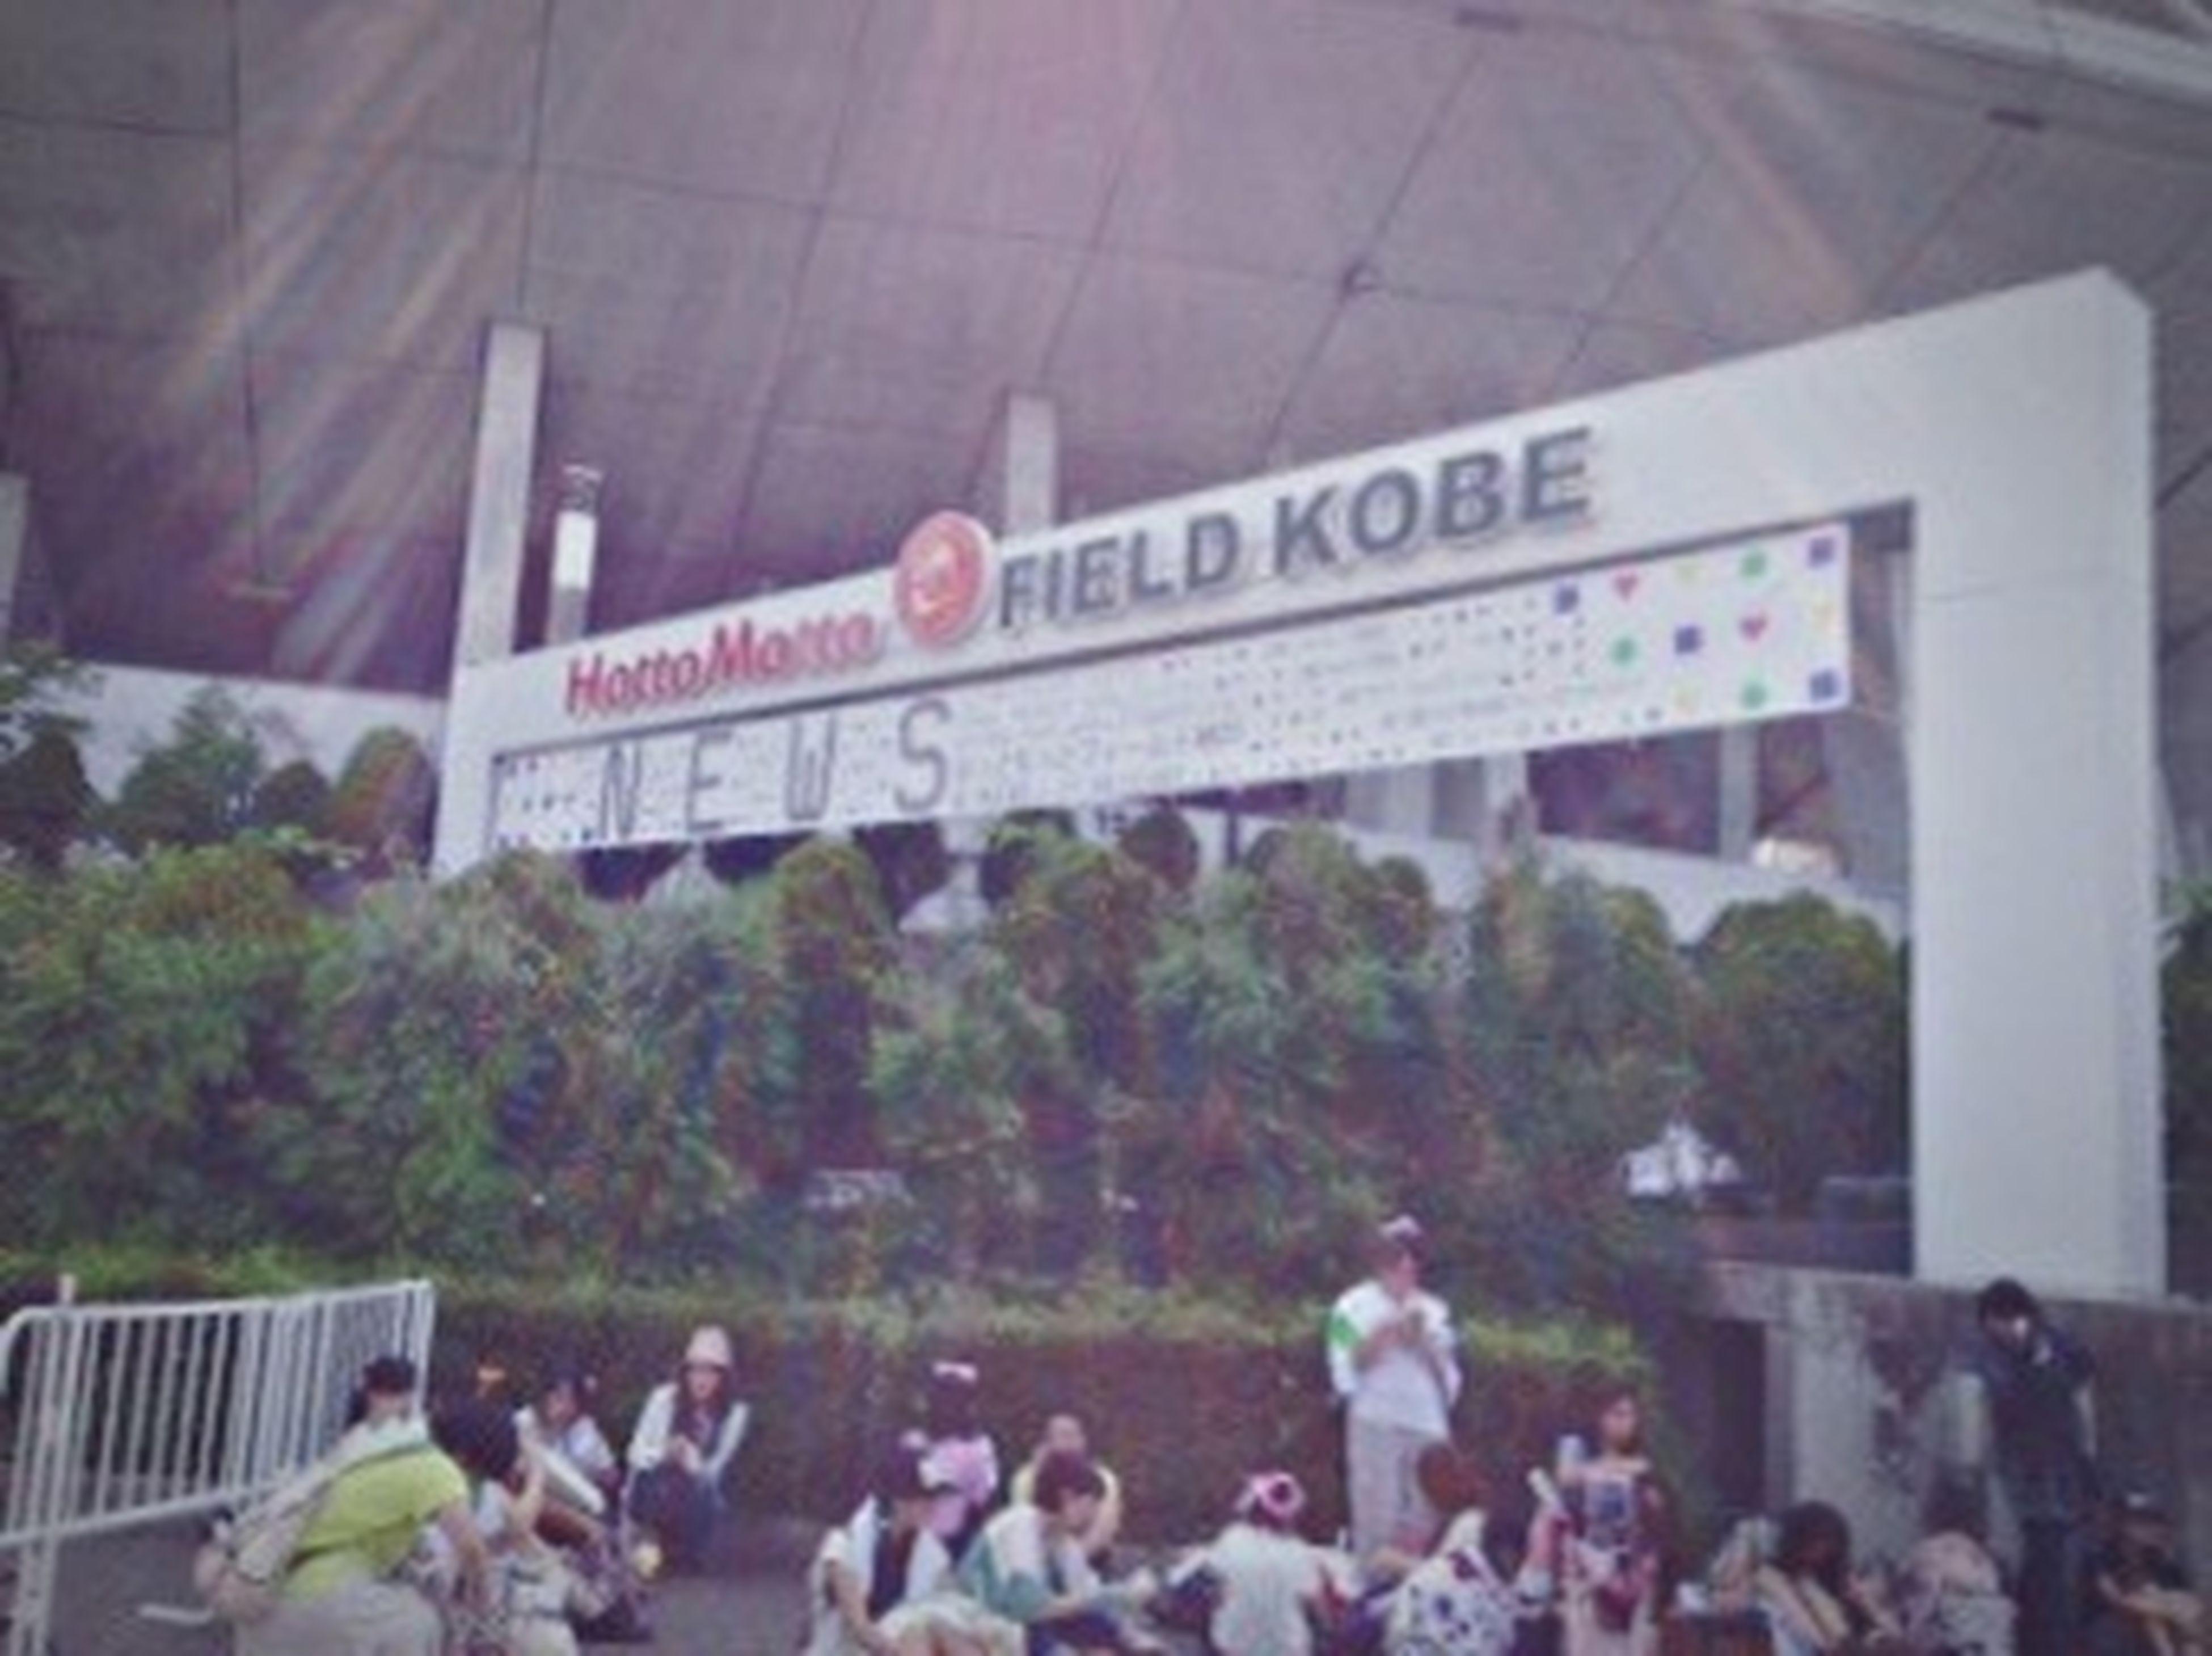 またライブ行きたいな〜 News 神戸ほっともっとフィールド First Eyeem Photo